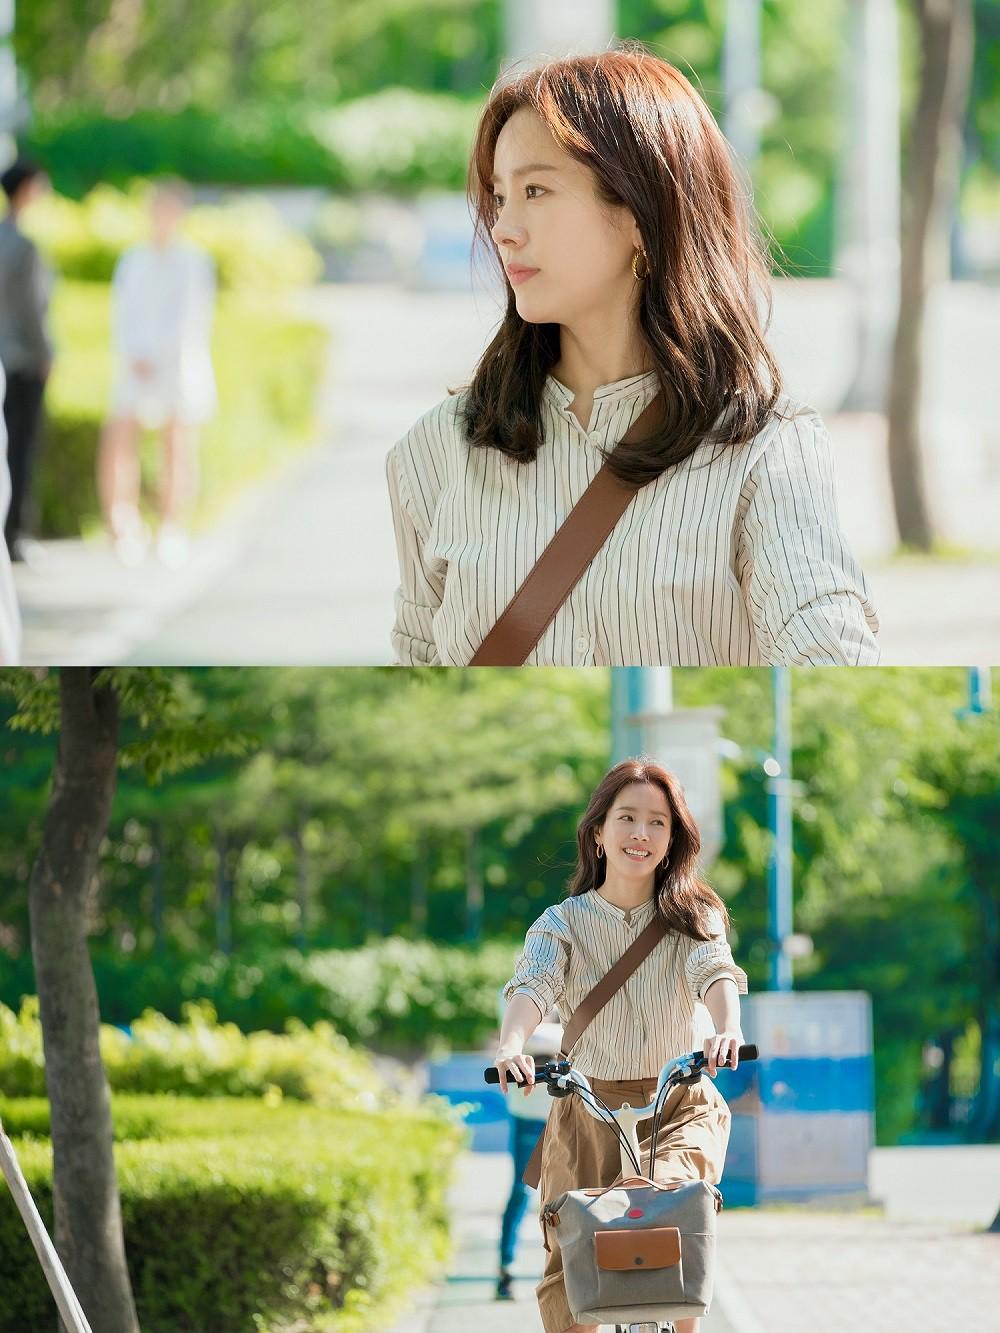 Phim Hàn Người Vợ Thân Quen: Khi bạn chán vợ một cái là được... đổi vợ mới luôn! - Ảnh 6.